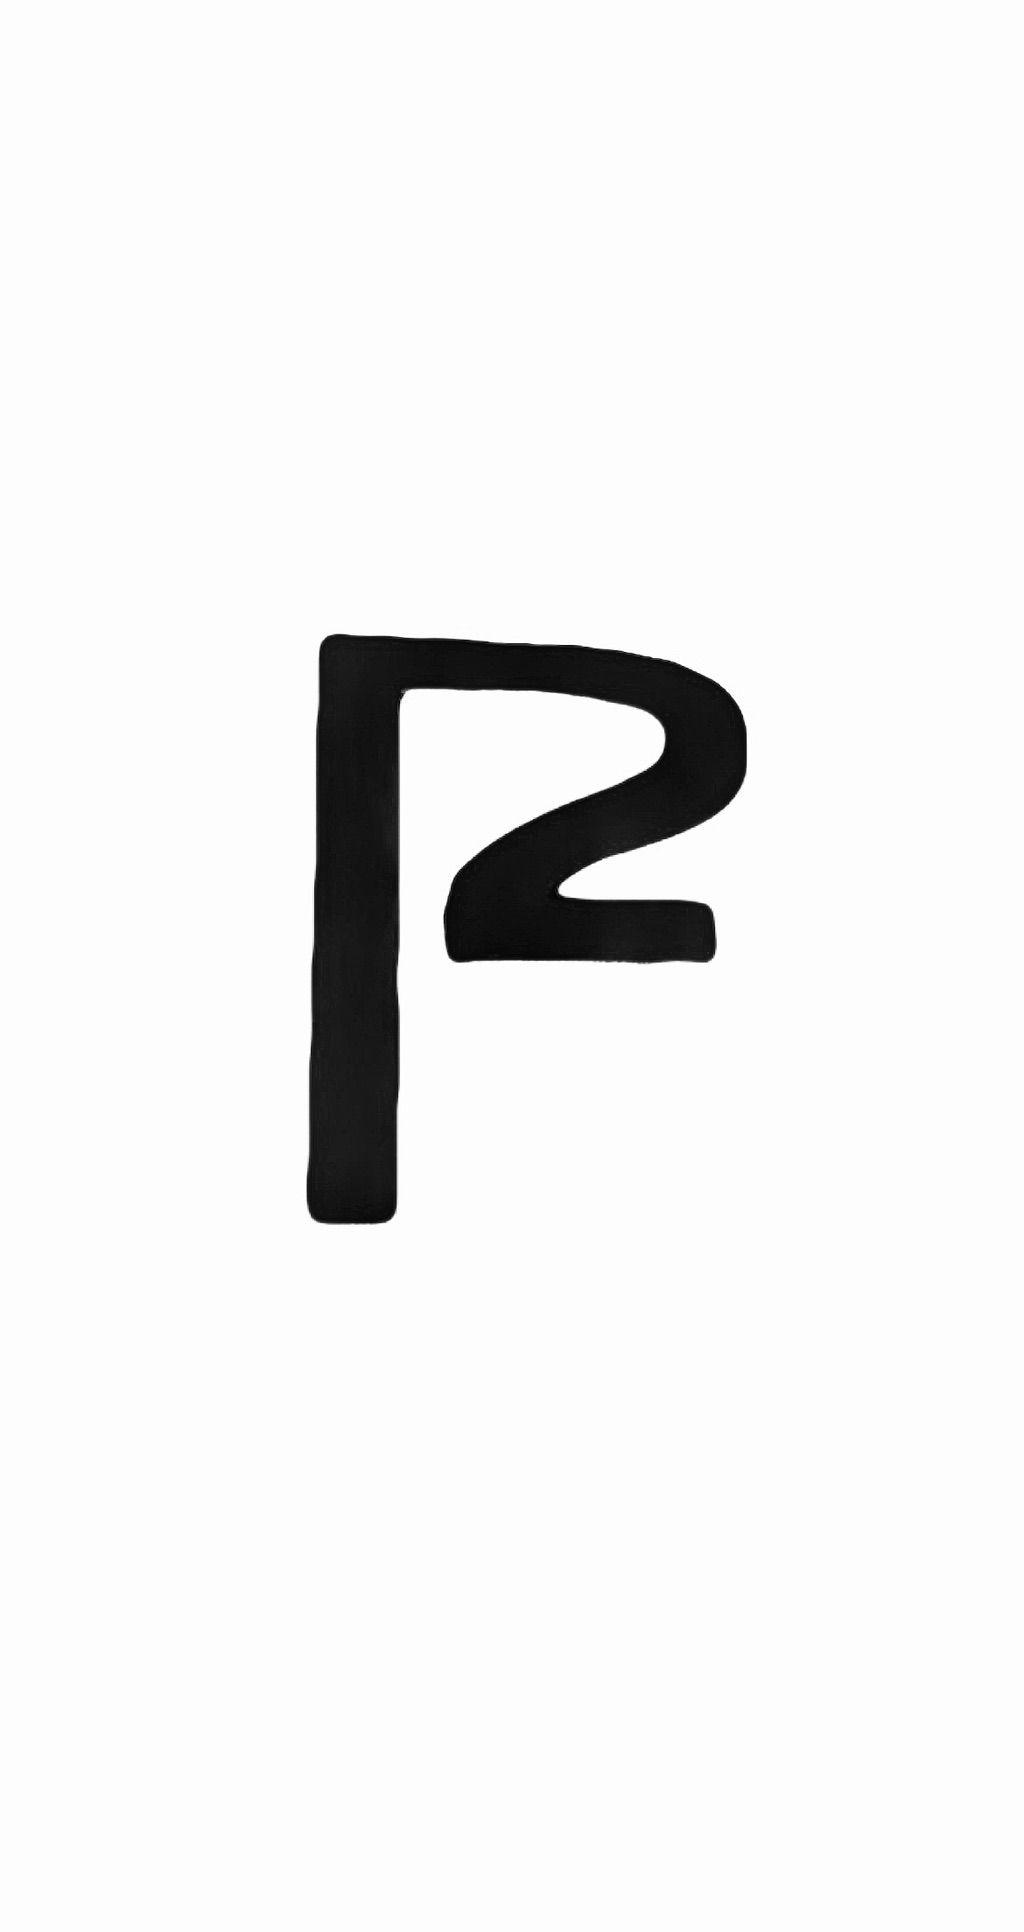 PT2 Services